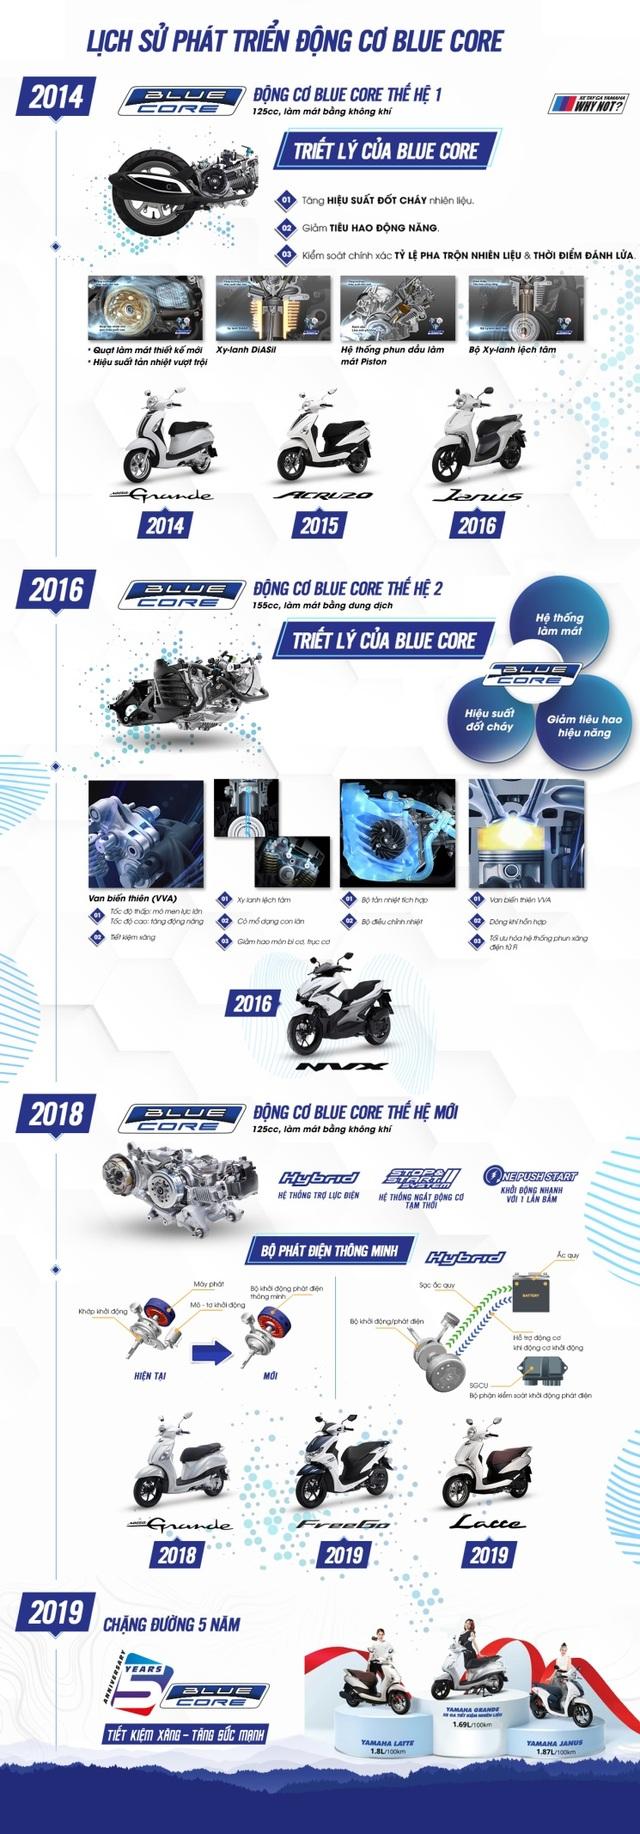 Blue Core - thành quả 5 năm bền bỉ của Yamaha Việt Nam - 2